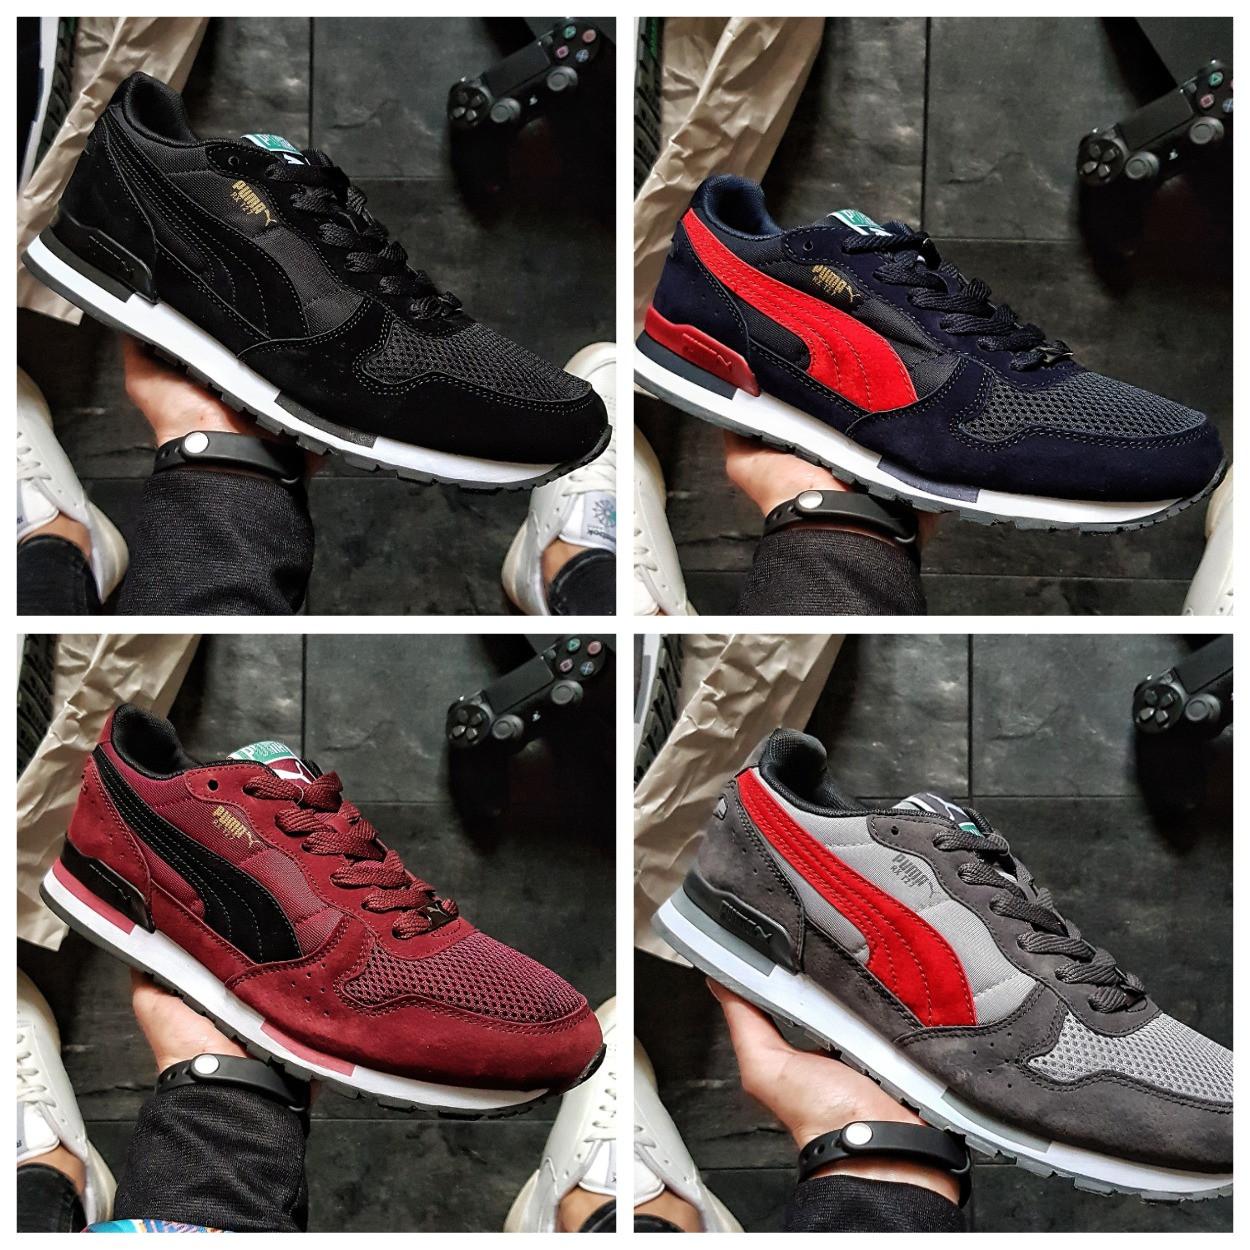 8279d3f60933 Кроссовки Puma - Мужская обувь Объявления в Украине на BESPLATKA.ua